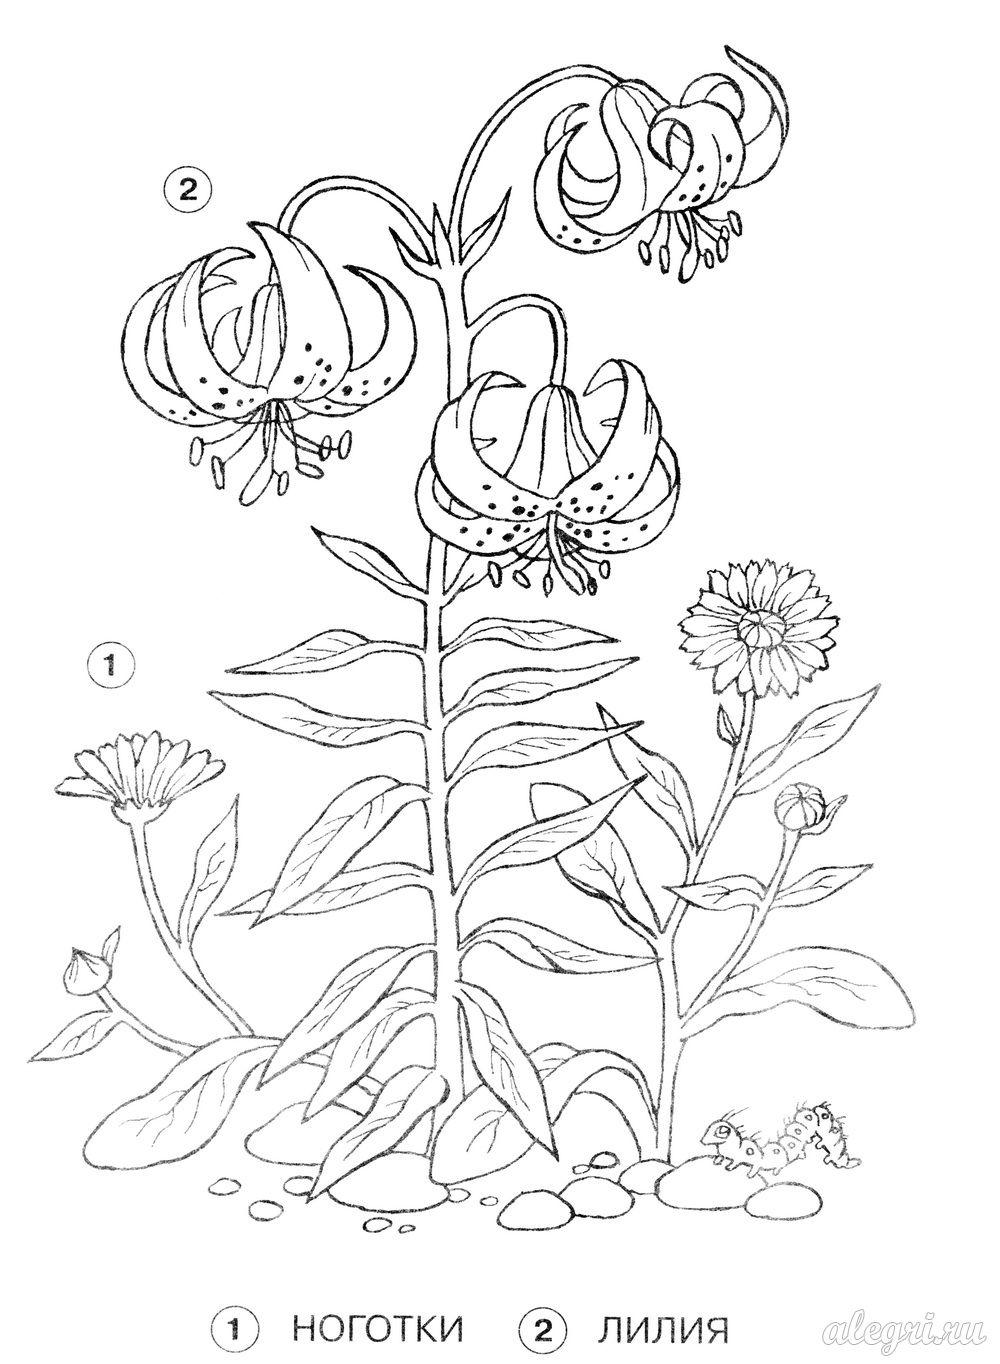 Летние цветы, ноготки и лилии